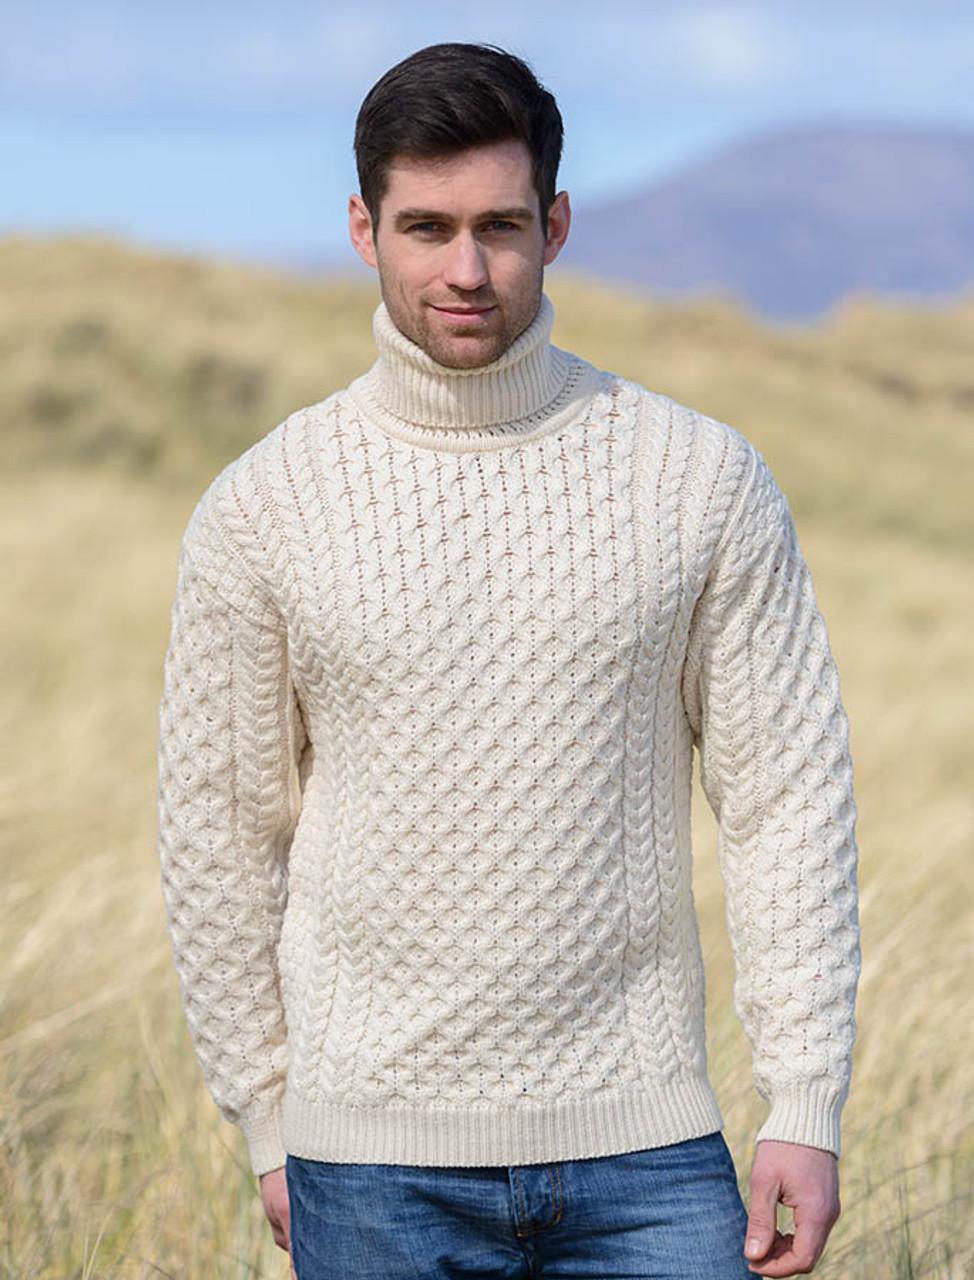 99a75ebae0aa84 Wool turtleneck sweater men, wool turtleneck sweater men